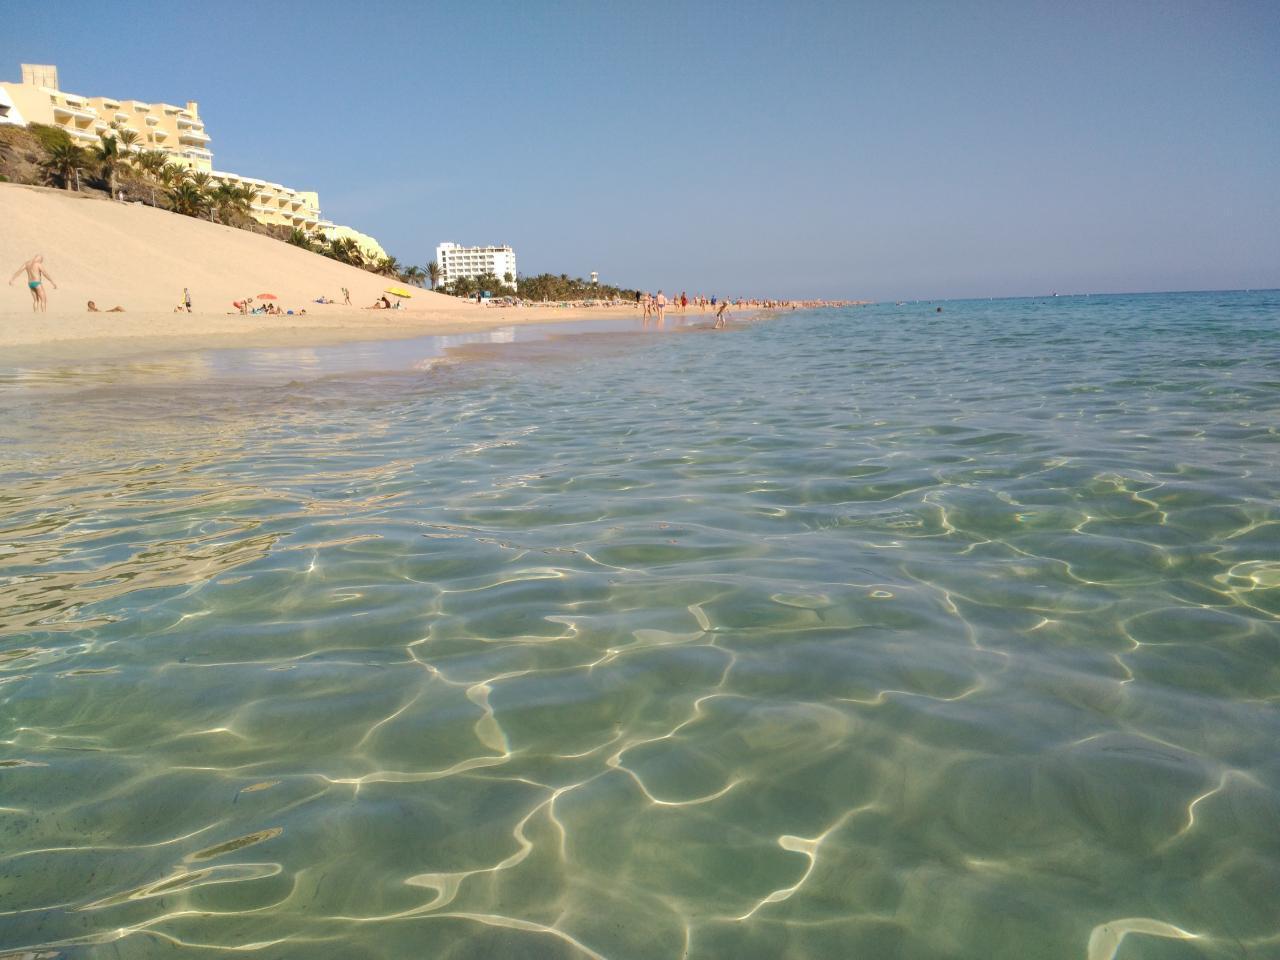 Ferienwohnung Penthouse / Apt. in der besten Gegend von Costa Calma, mit Blick auf eine große Terrasse a (487472), Costa Calma, Fuerteventura, Kanarische Inseln, Spanien, Bild 20